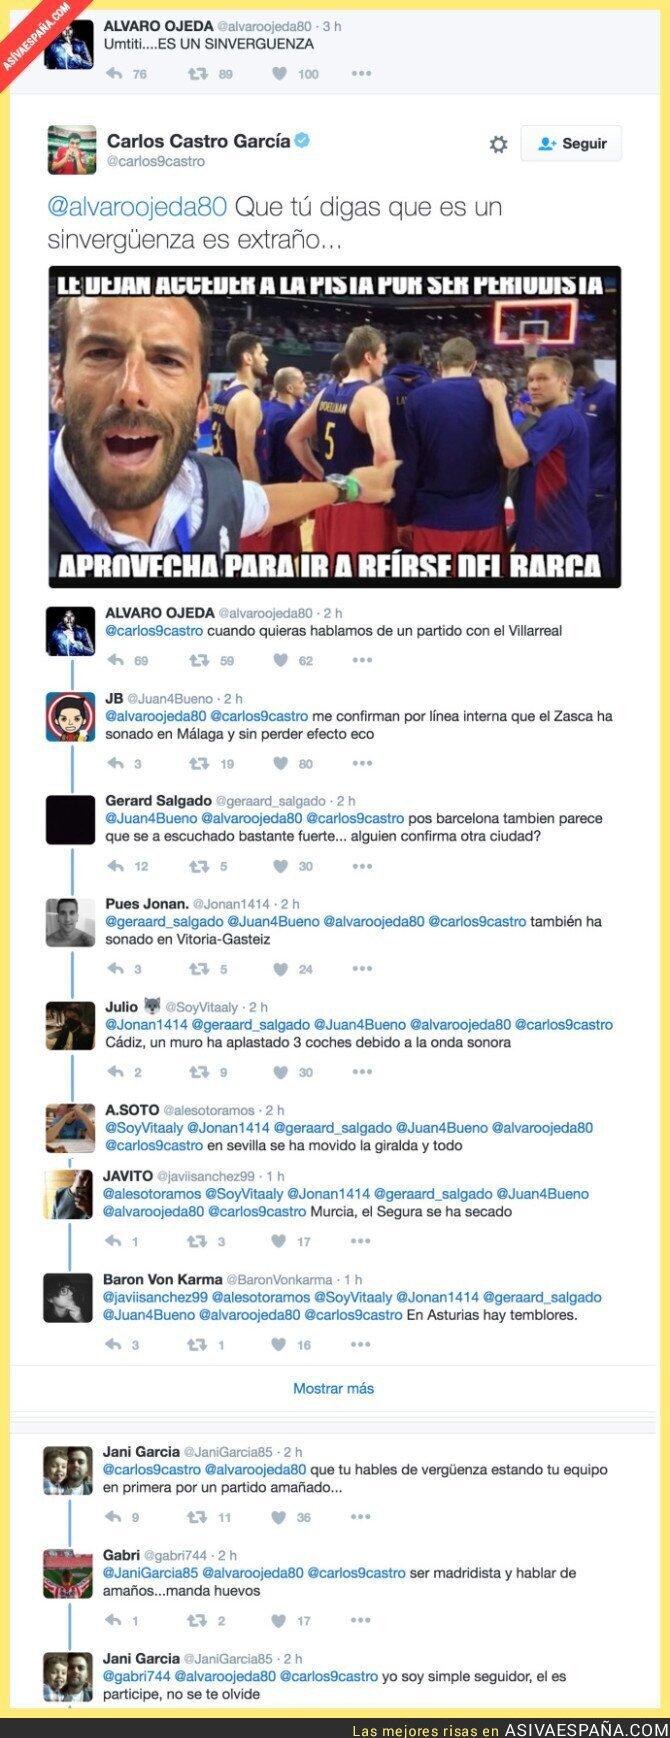 60249 - Un jugador del Sporting le pega un ZASCA a Álvaro Ojeda y las respuestas son geniales